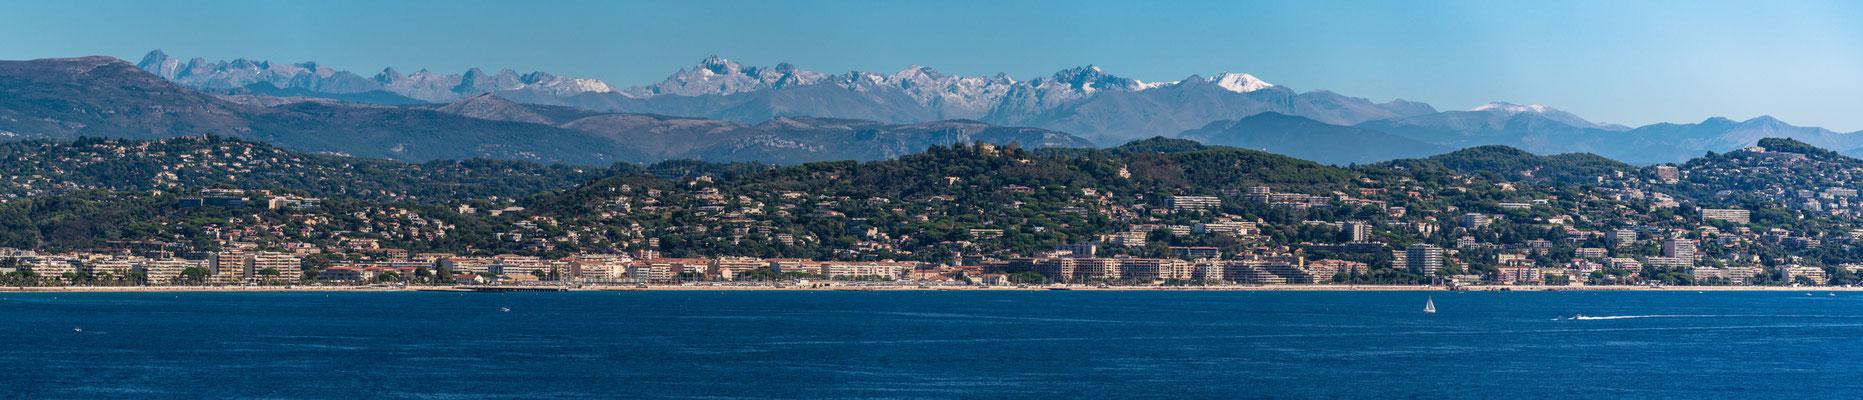 Berge und Meer bei Theoule sur Mer